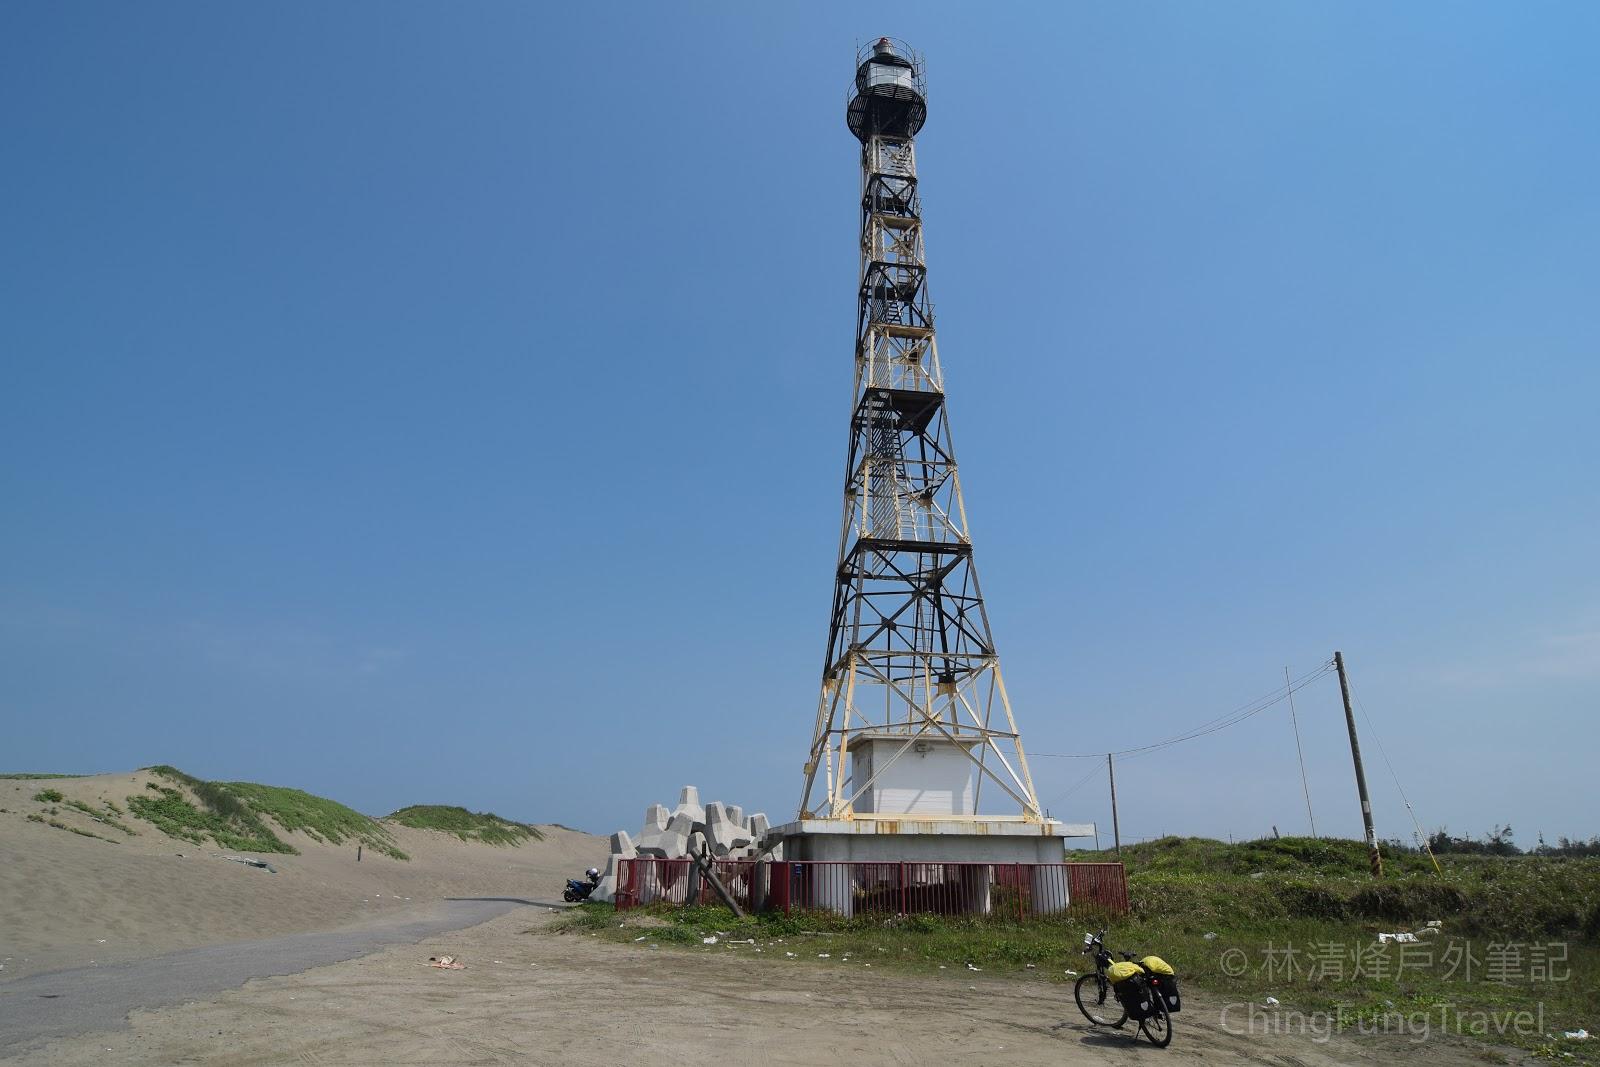 【騎行】台南七股國聖燈塔 東西雙塔山脈縱騎《七》